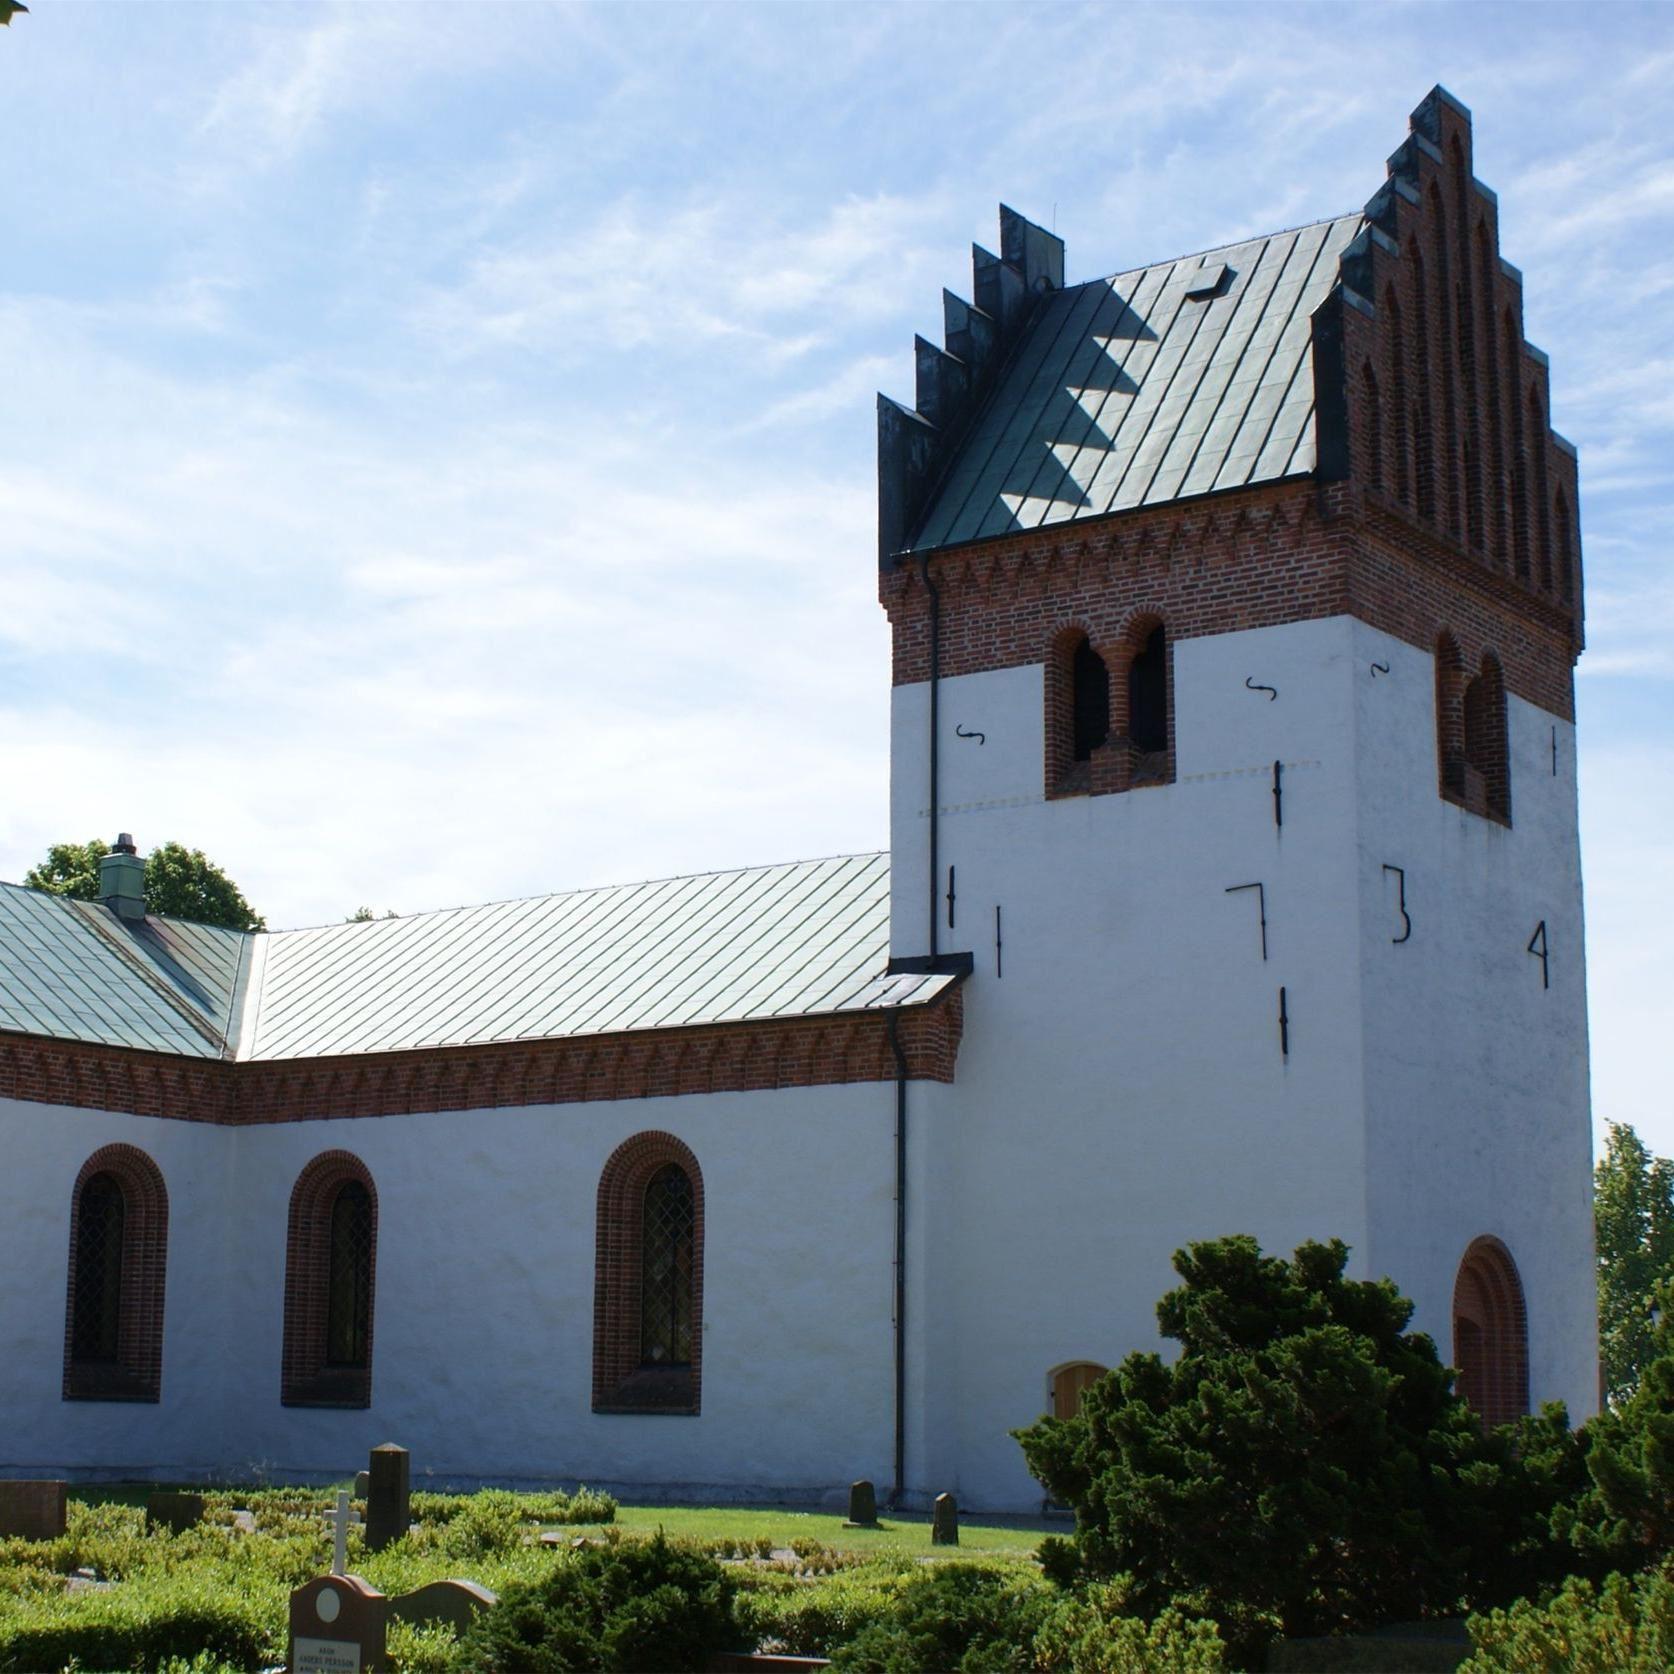 © Kävlinge församling, Stora Harrie kyrka